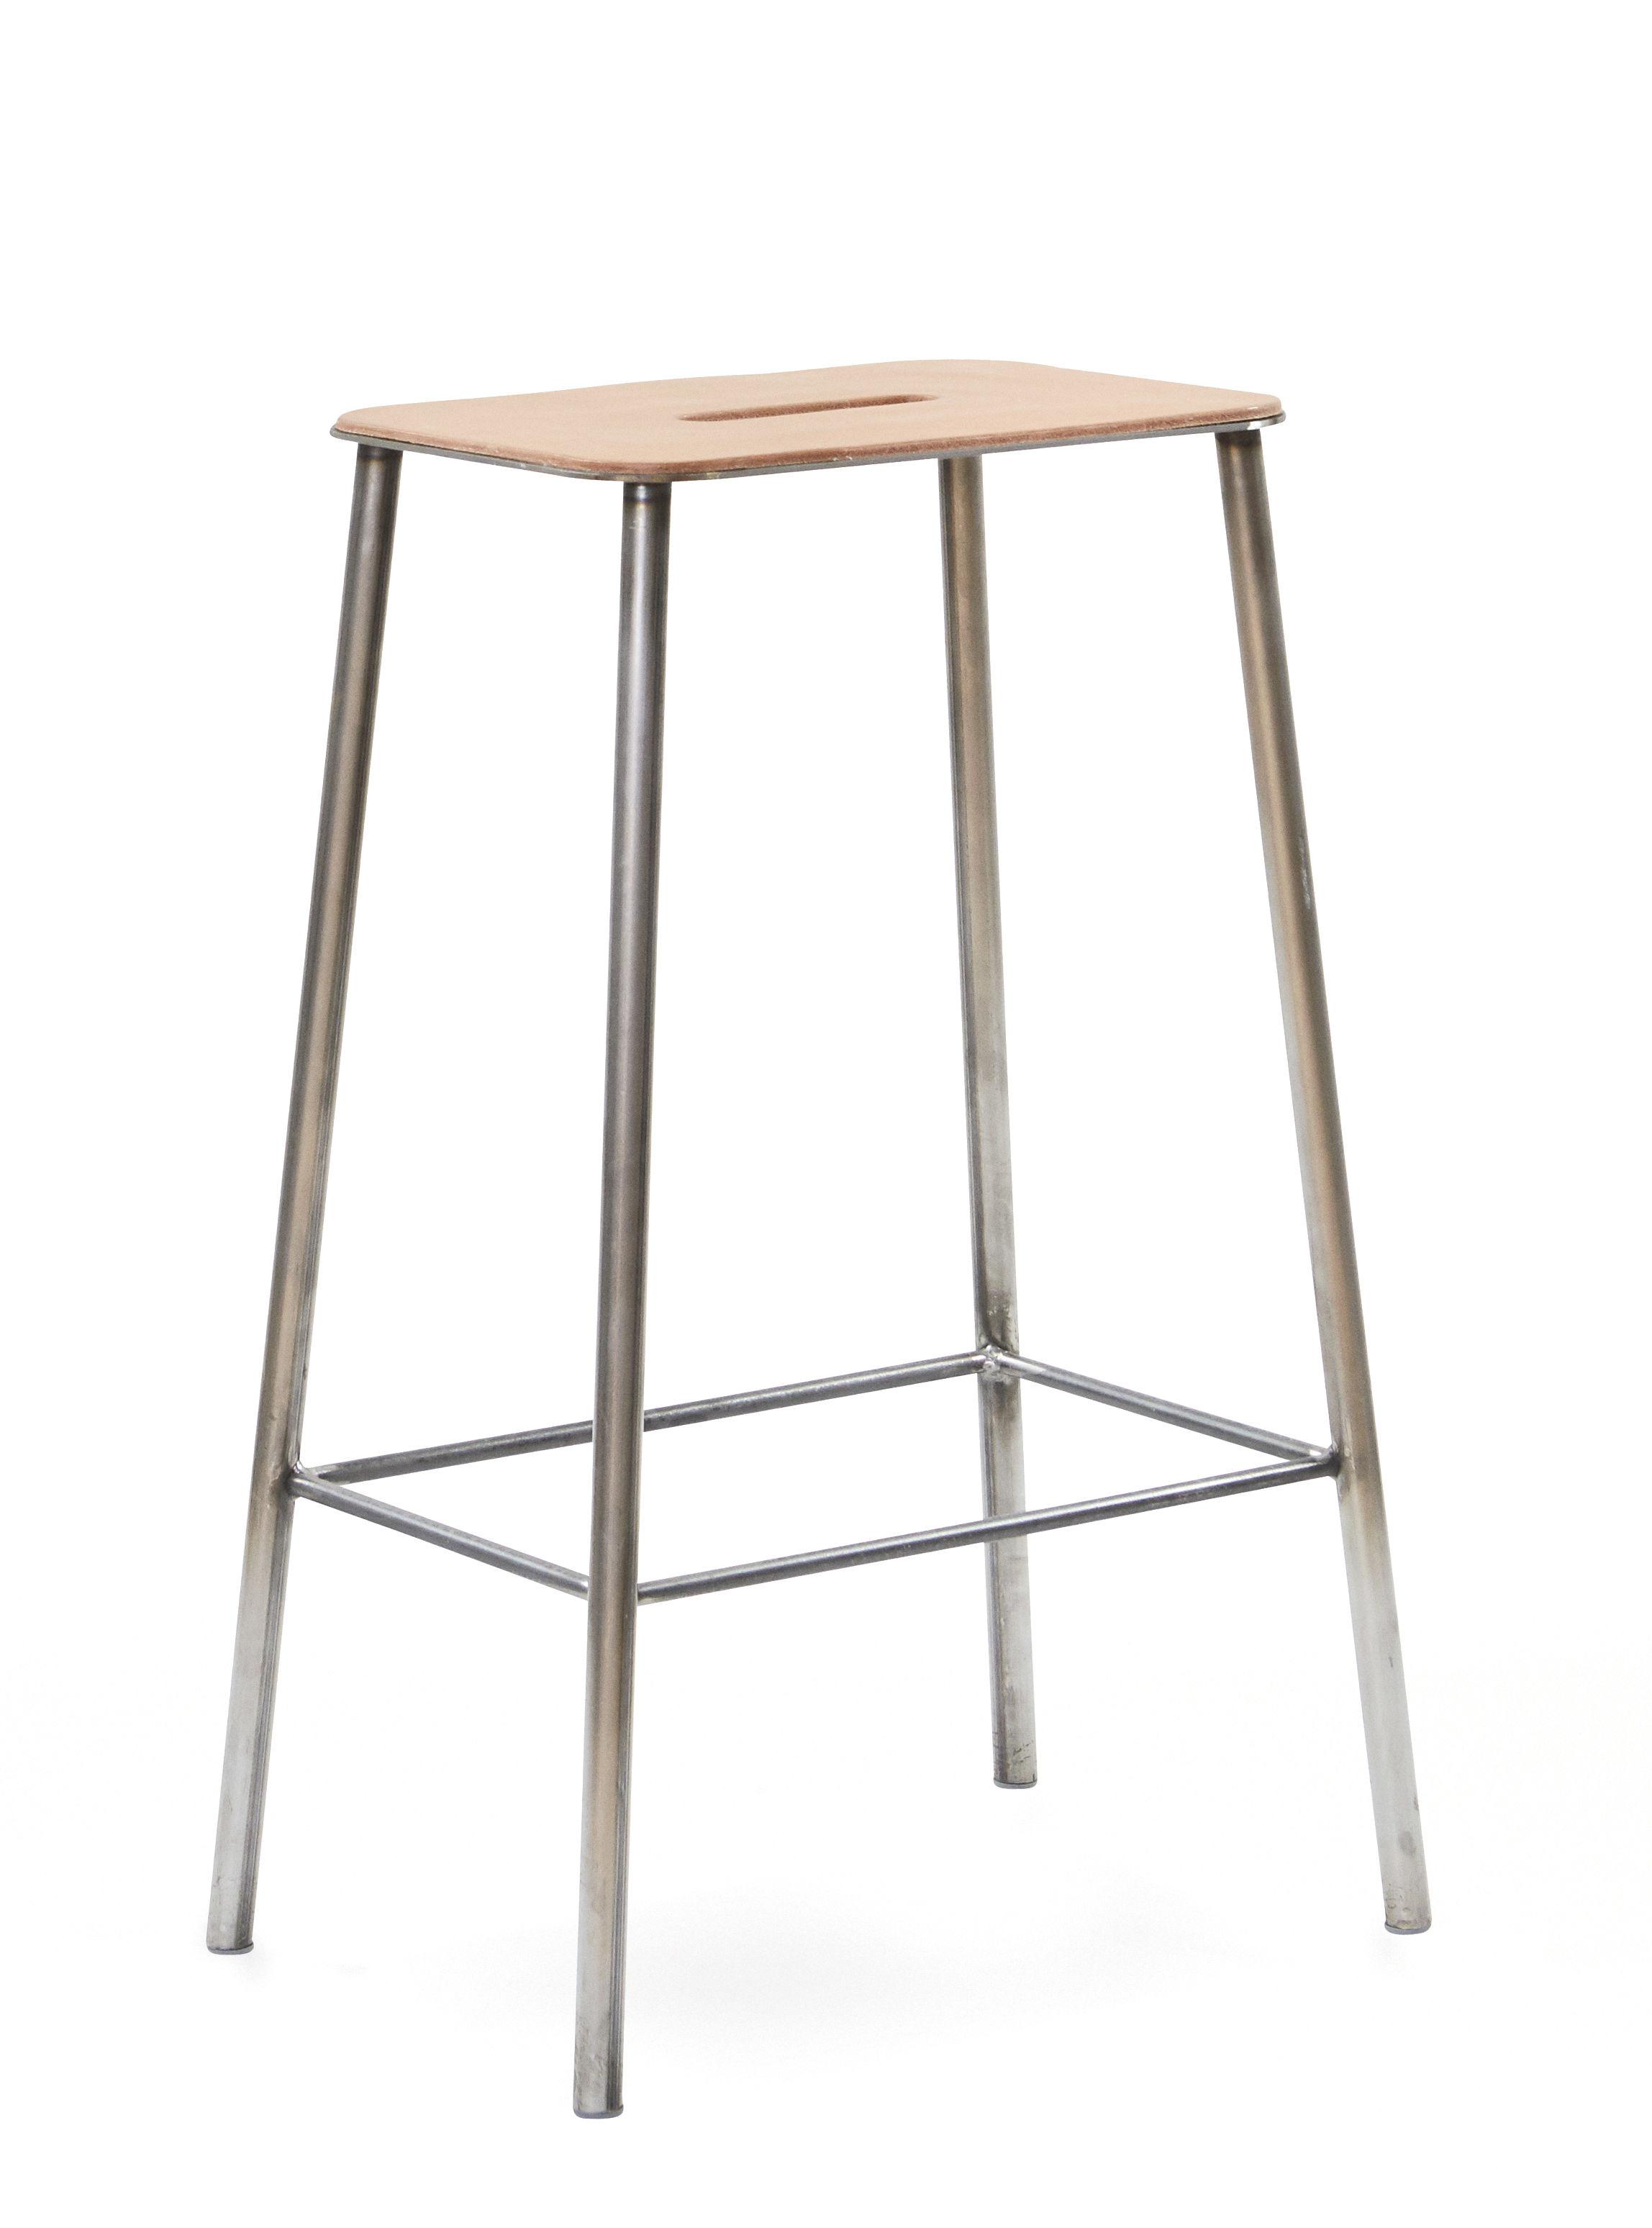 Möbel - Barhocker - Adam Cuir Hochstuhl / H 65 cm - Frama  - H 65 cm / Beiges Leder & Stahl - Leder, Stahl